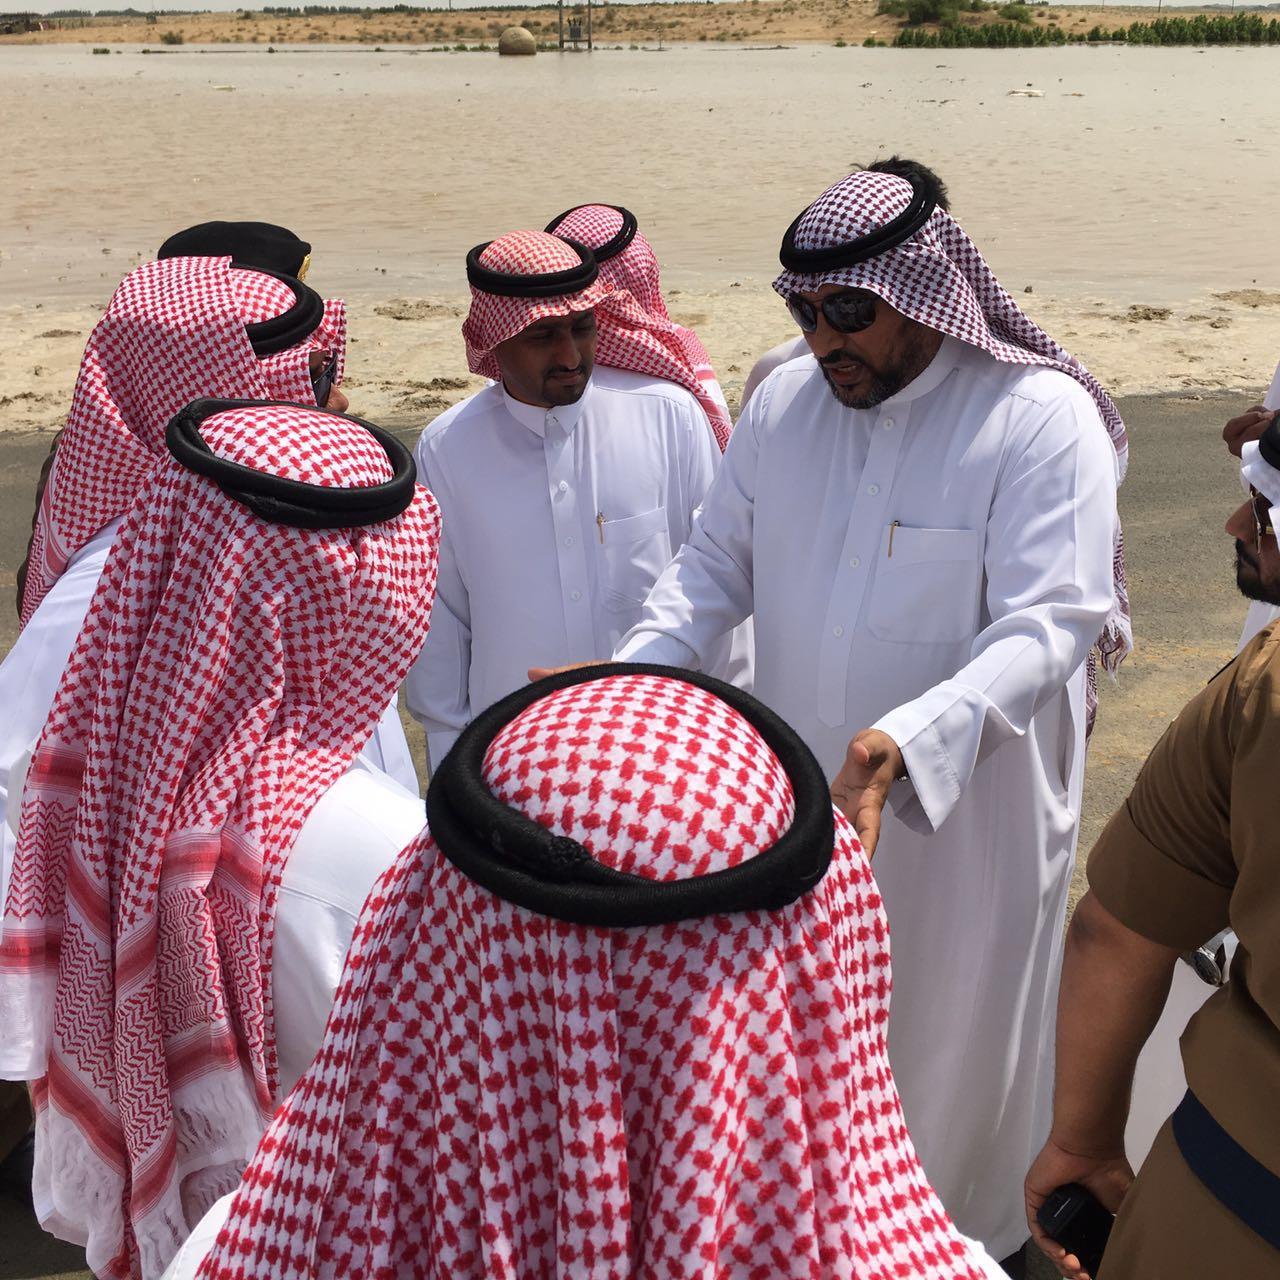 بلدية وبلدي الجعافرة وجهات أخرى ينقذون قرى الساحل من الغرق